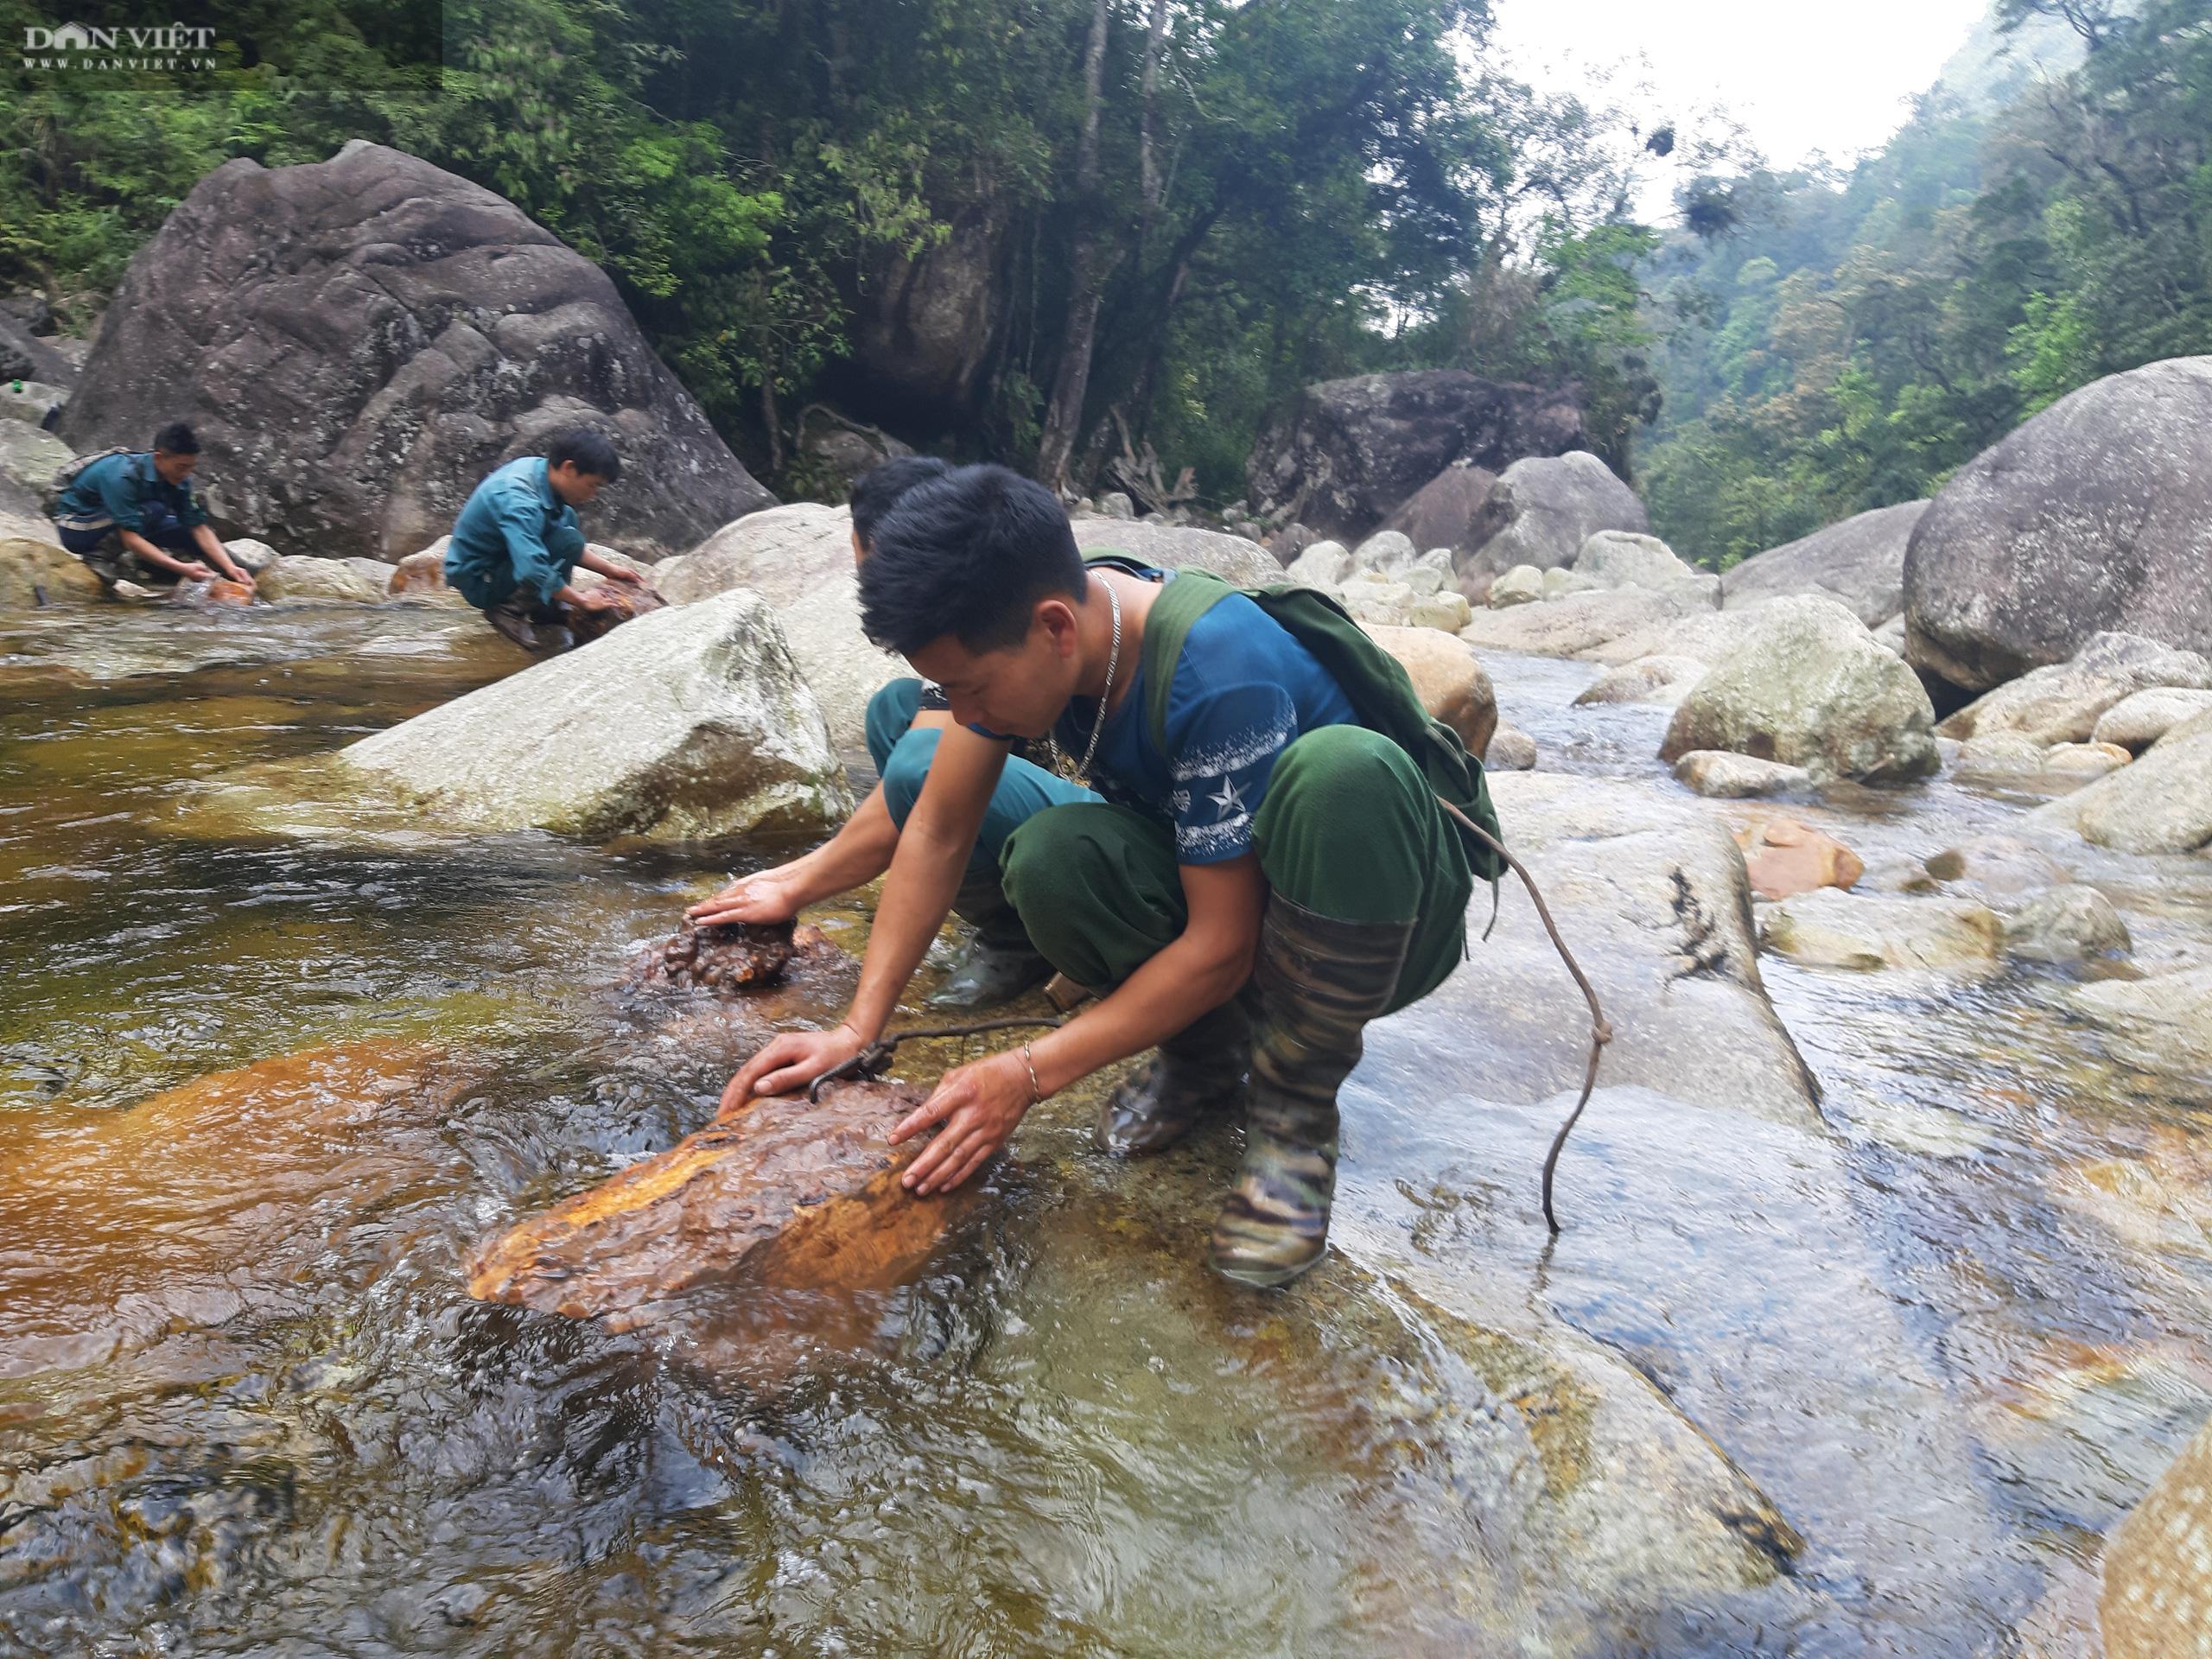 Phá rừng pơ mu VQG Hoàng Liên: Trách nhiệm thuộc VQG Hoàng liên và UBND tỉnh Lào Cai - Ảnh 4.